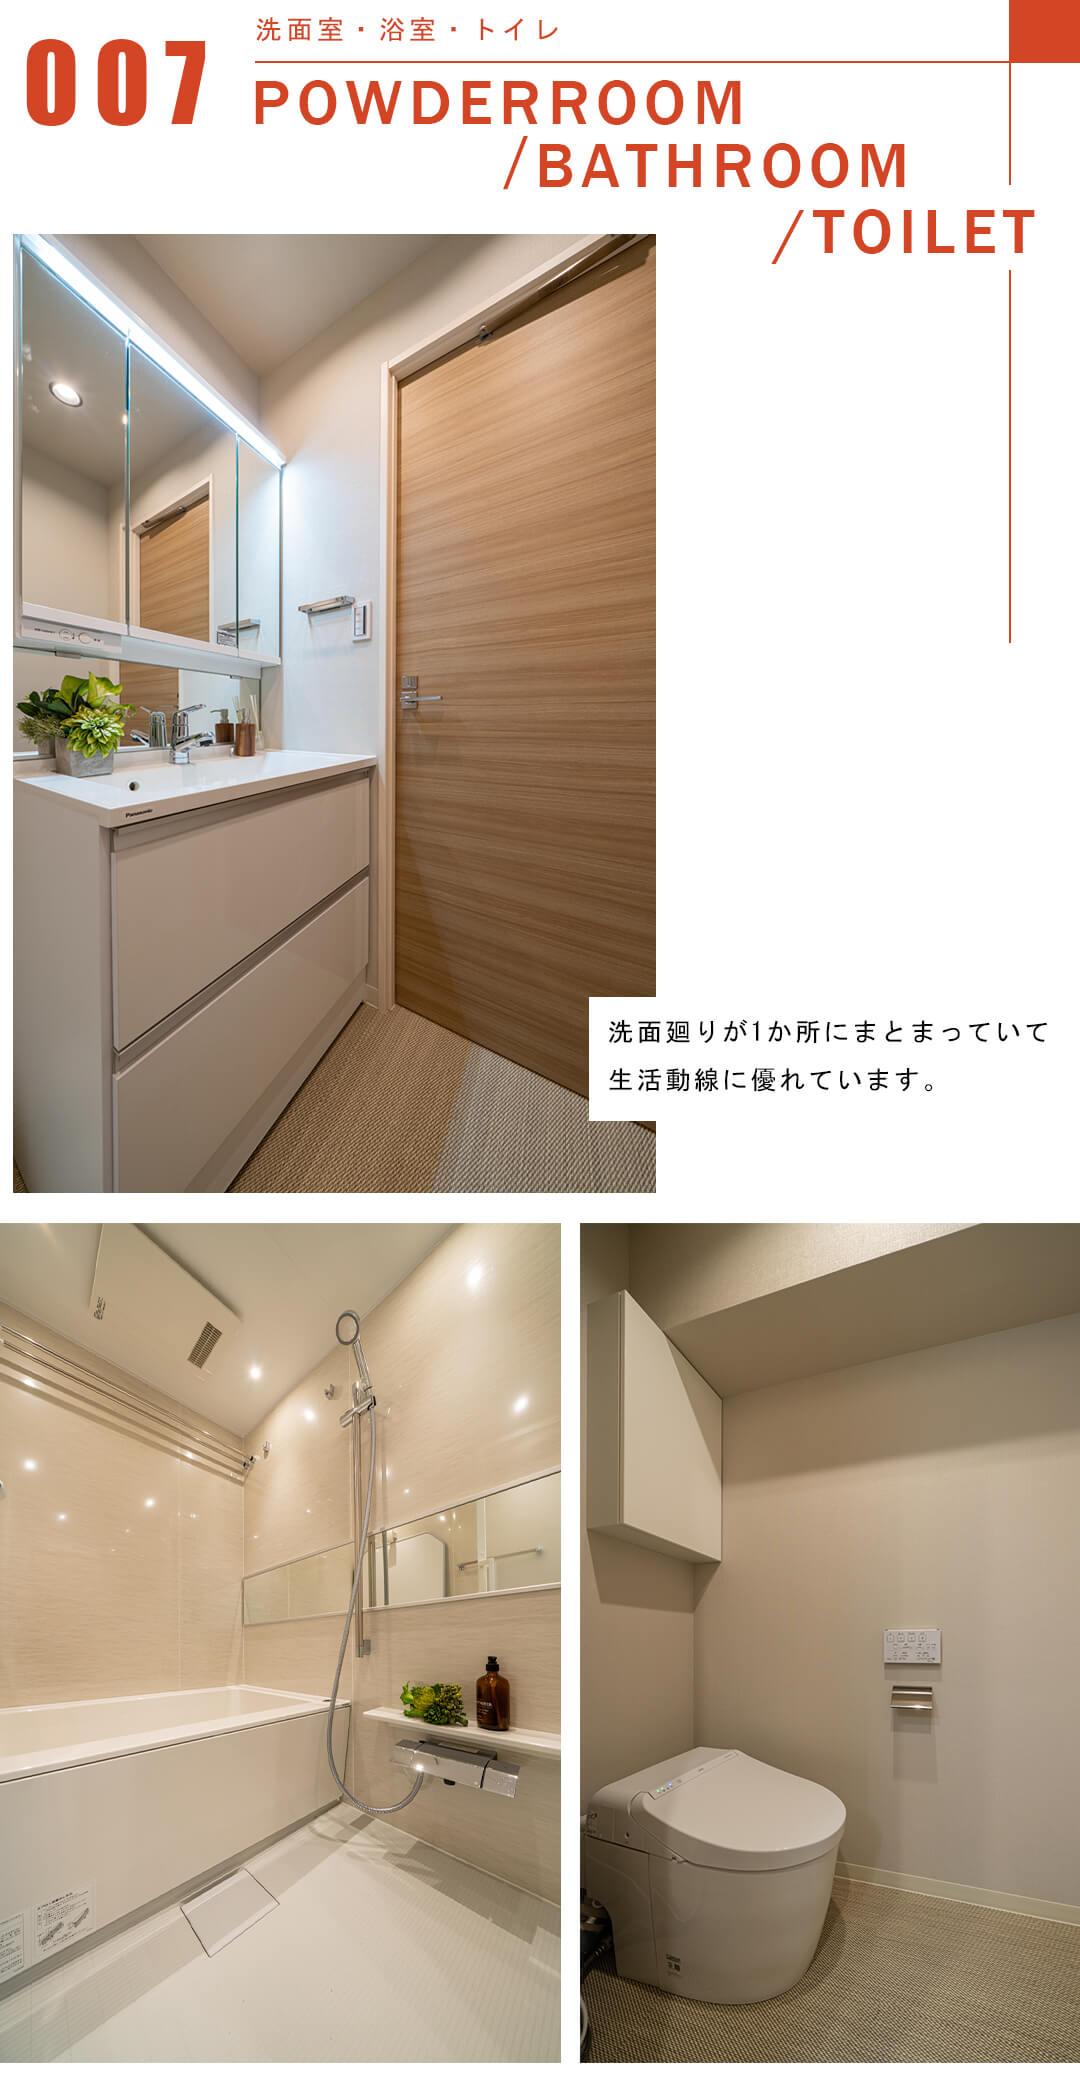 笹塚サンハイツの洗面室と浴室とトイレ